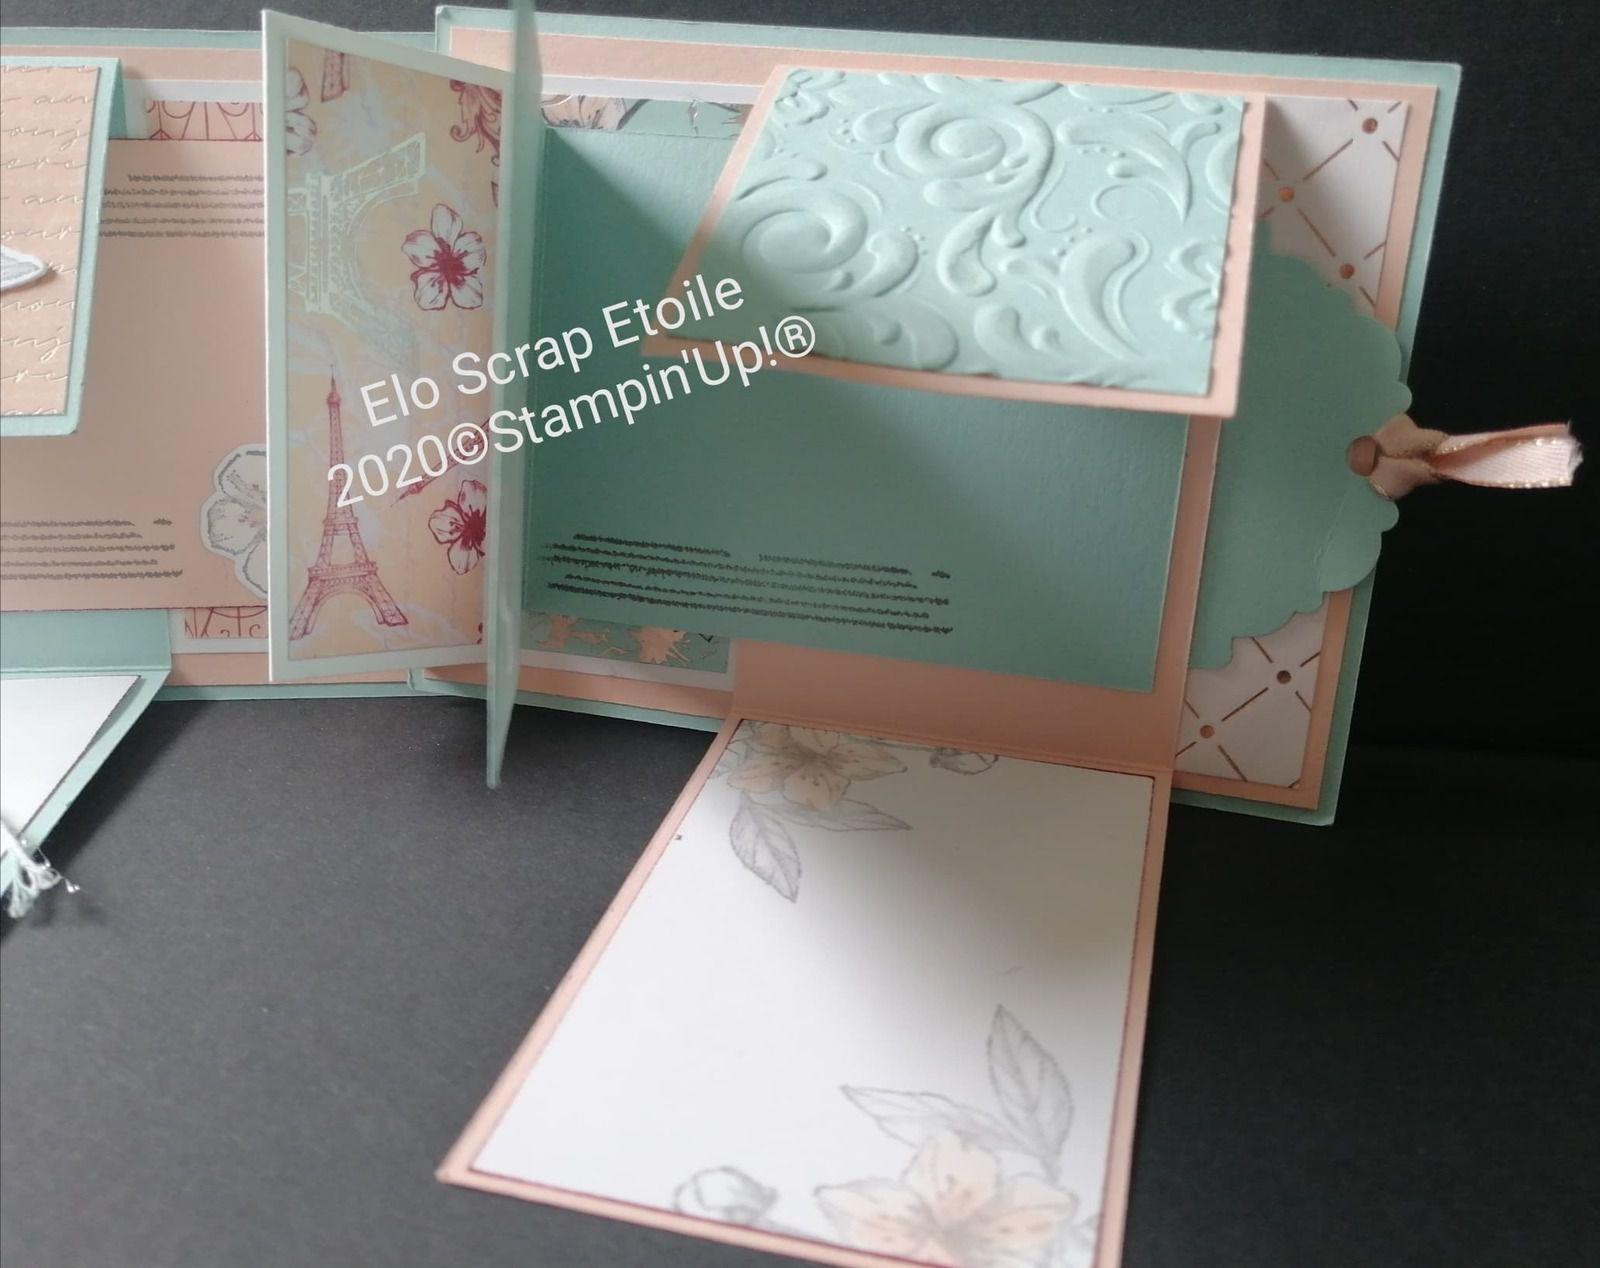 mini album facile - Elo Scrap Etoile - Stampin'Up